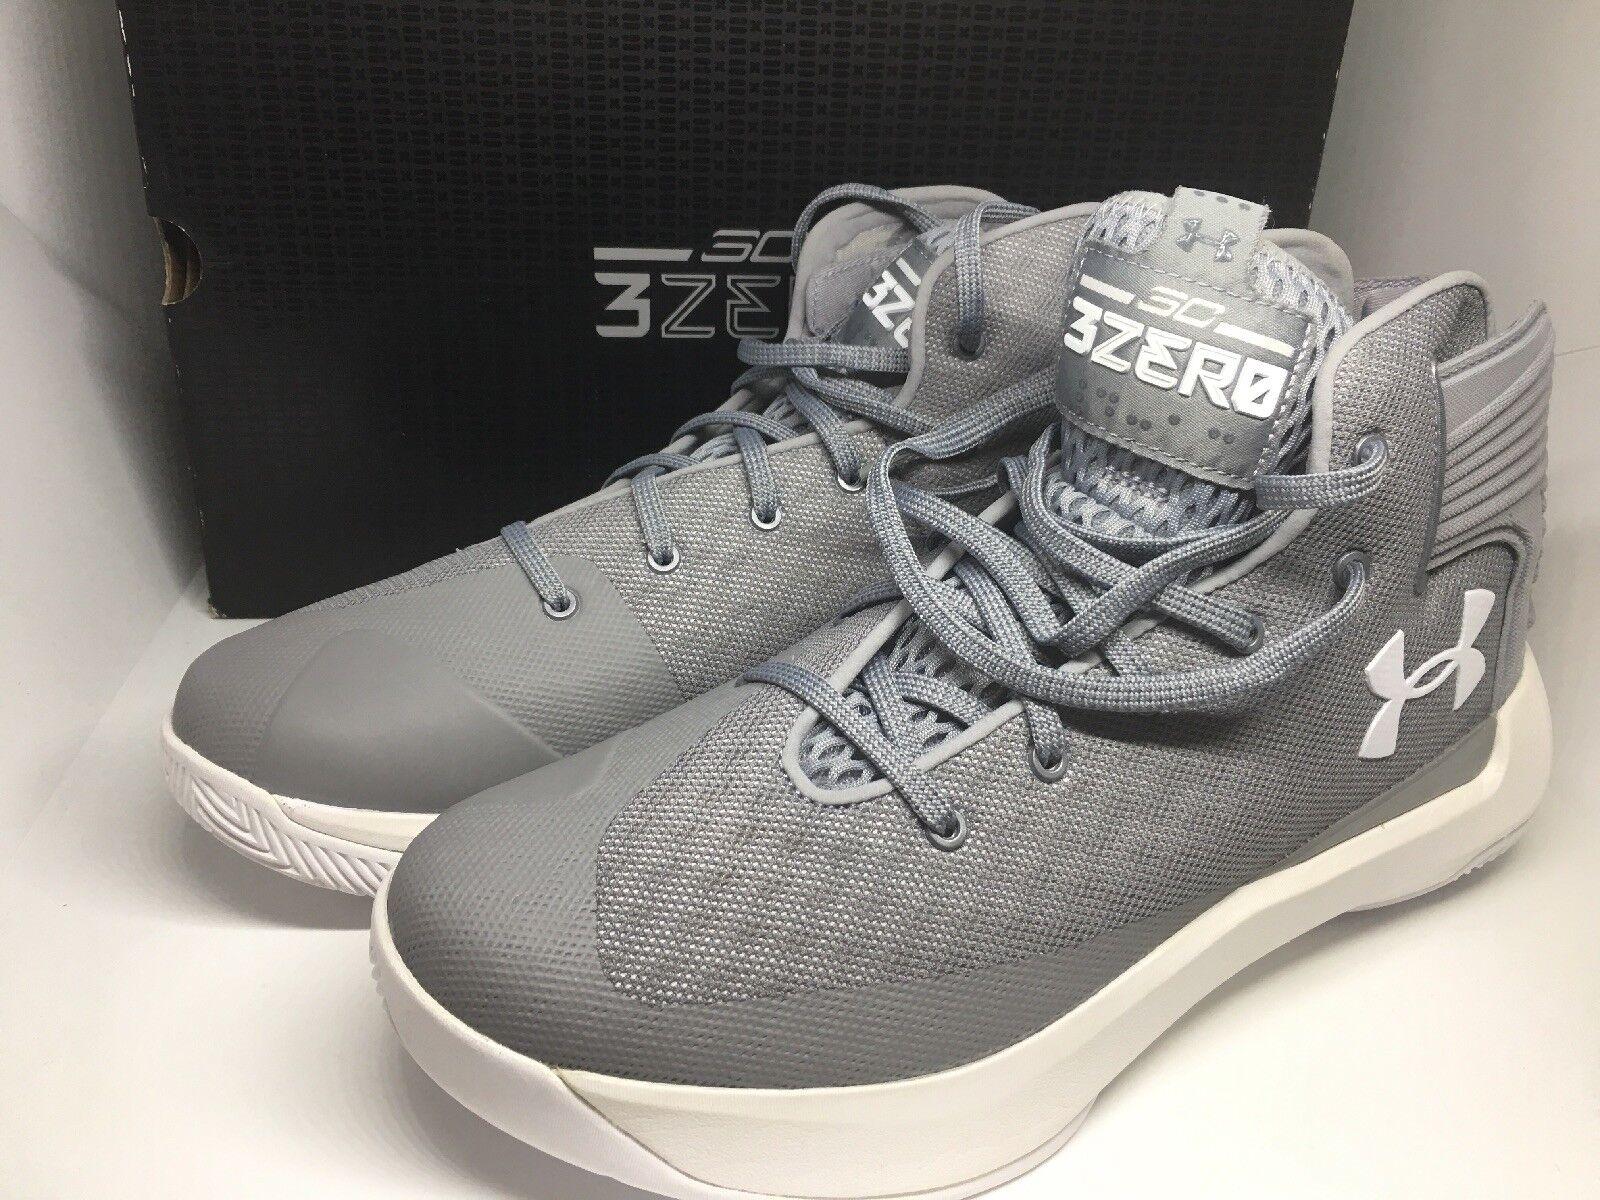 Under Armour Curry 3Zero Stealth grau Weiß 1298308-103 Größe 9 New in Box